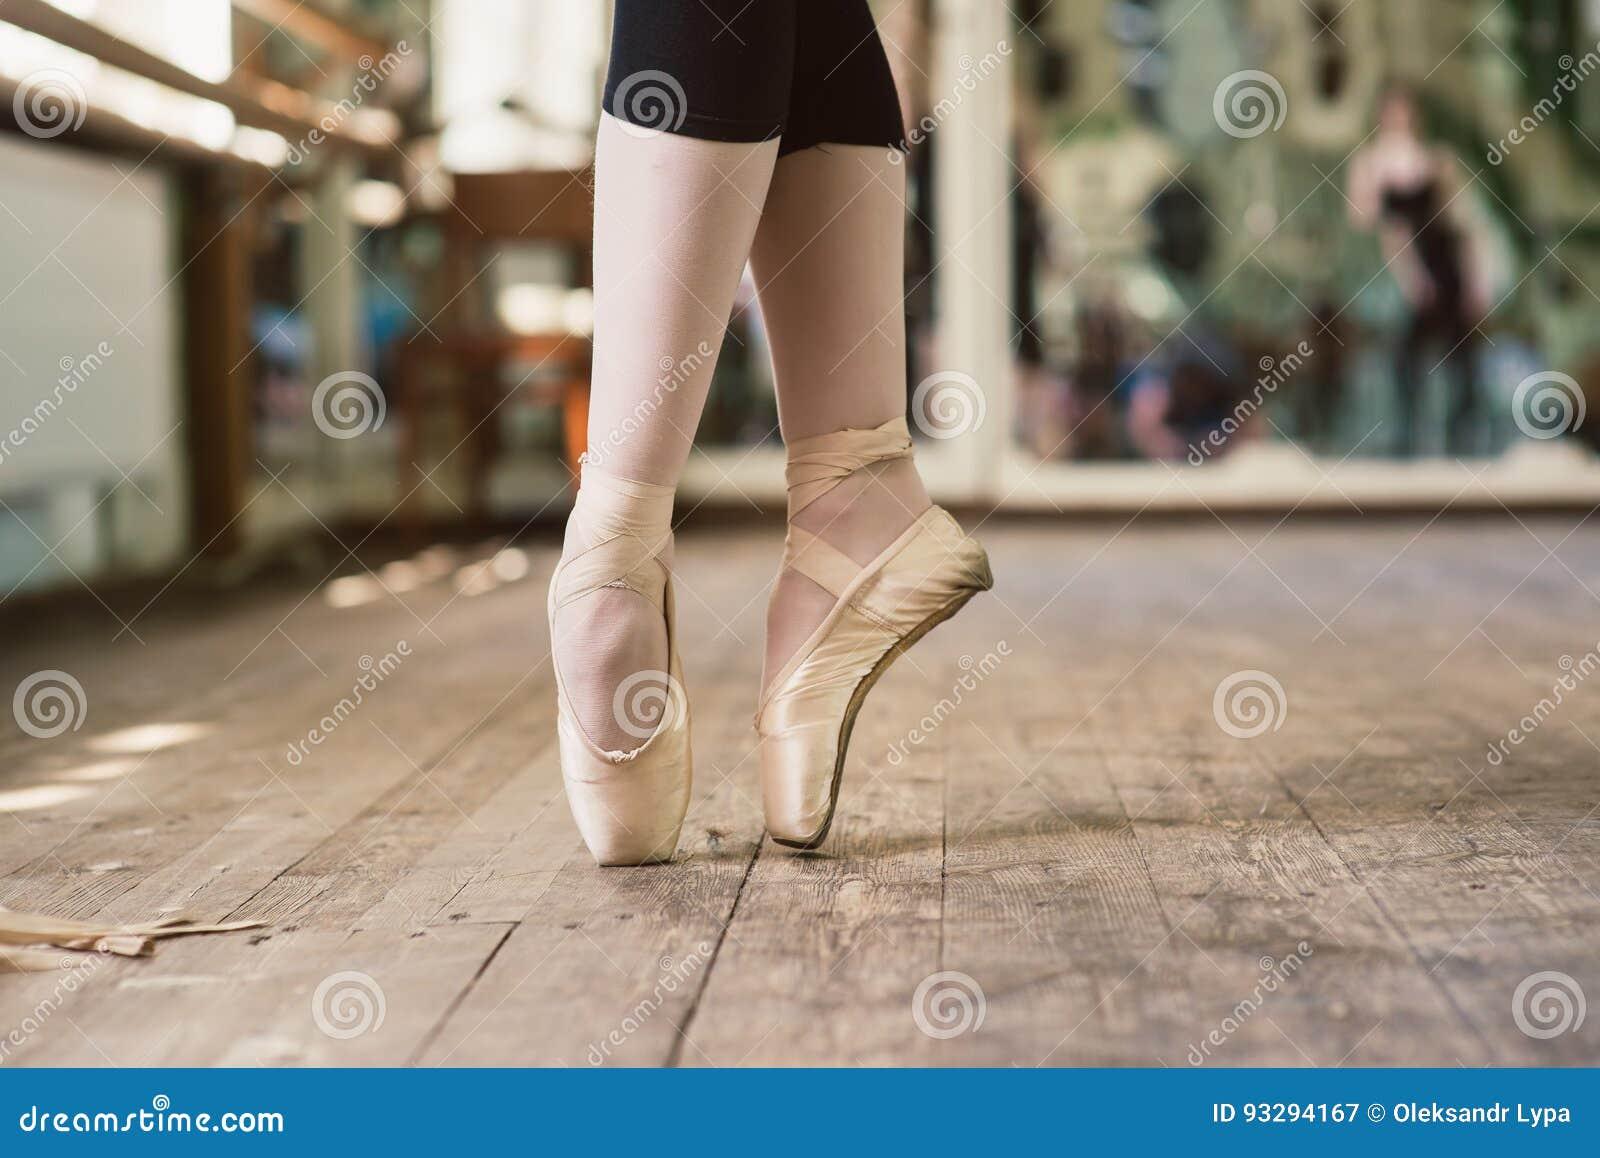 Cieki balerina taniec w baletniczych butach